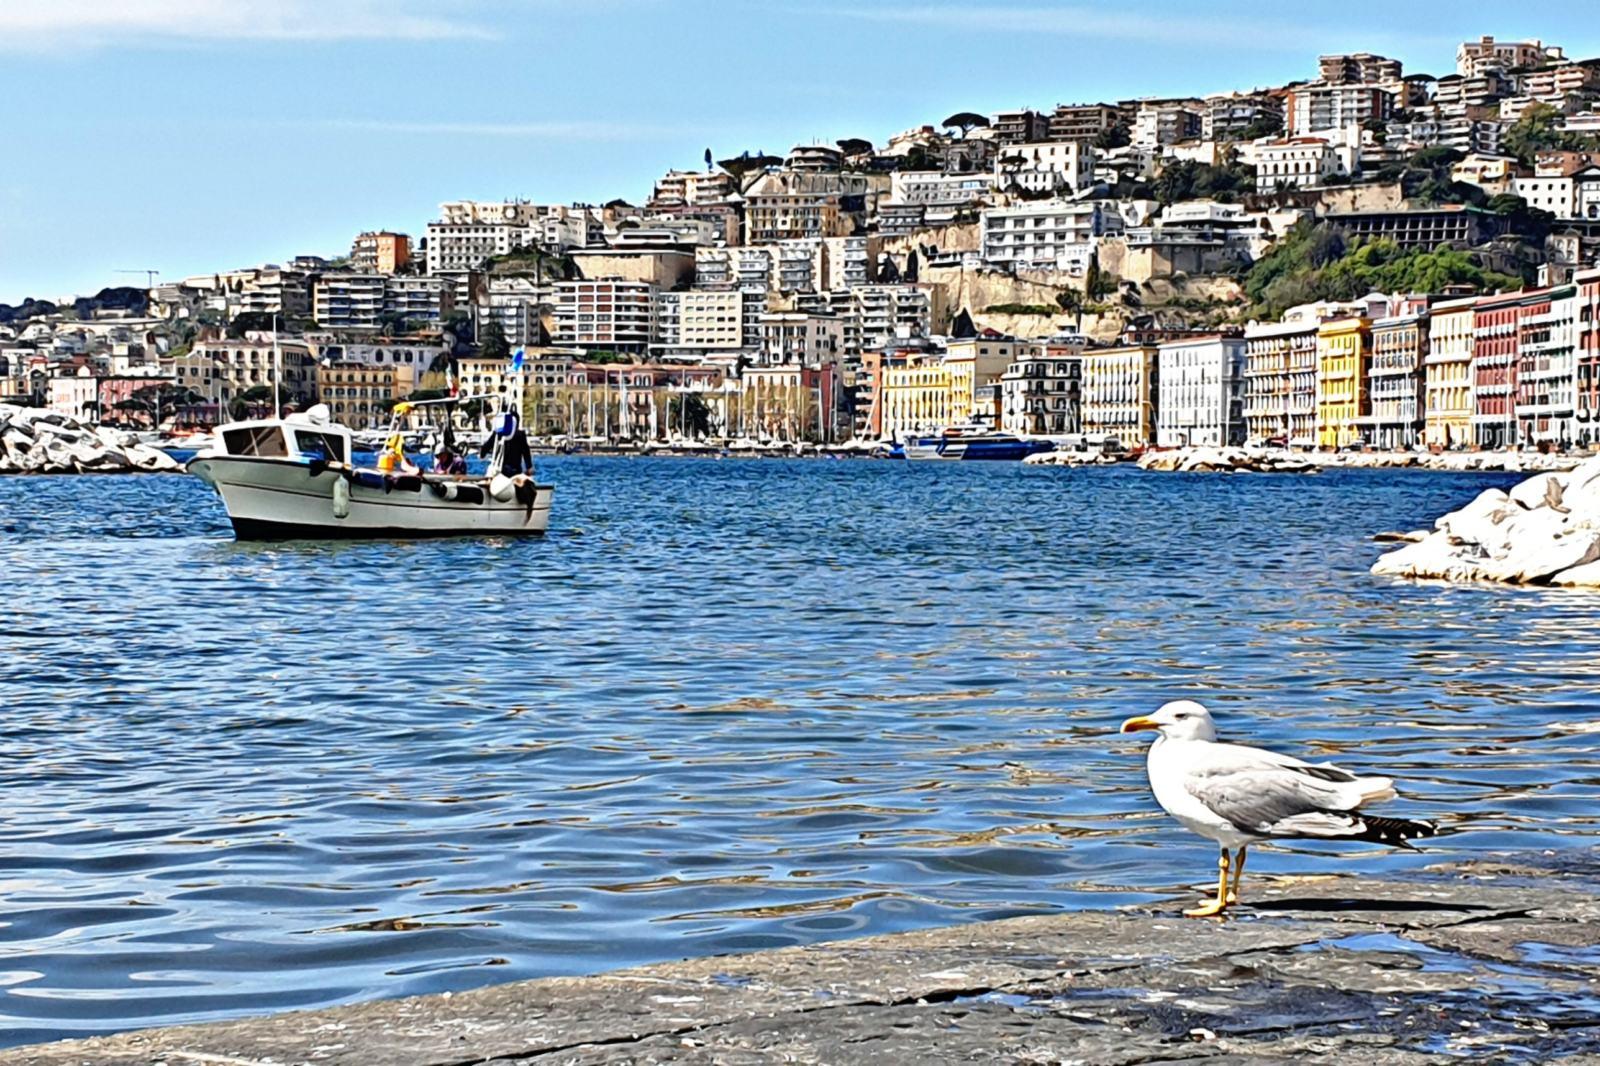 Il mare di Napoli